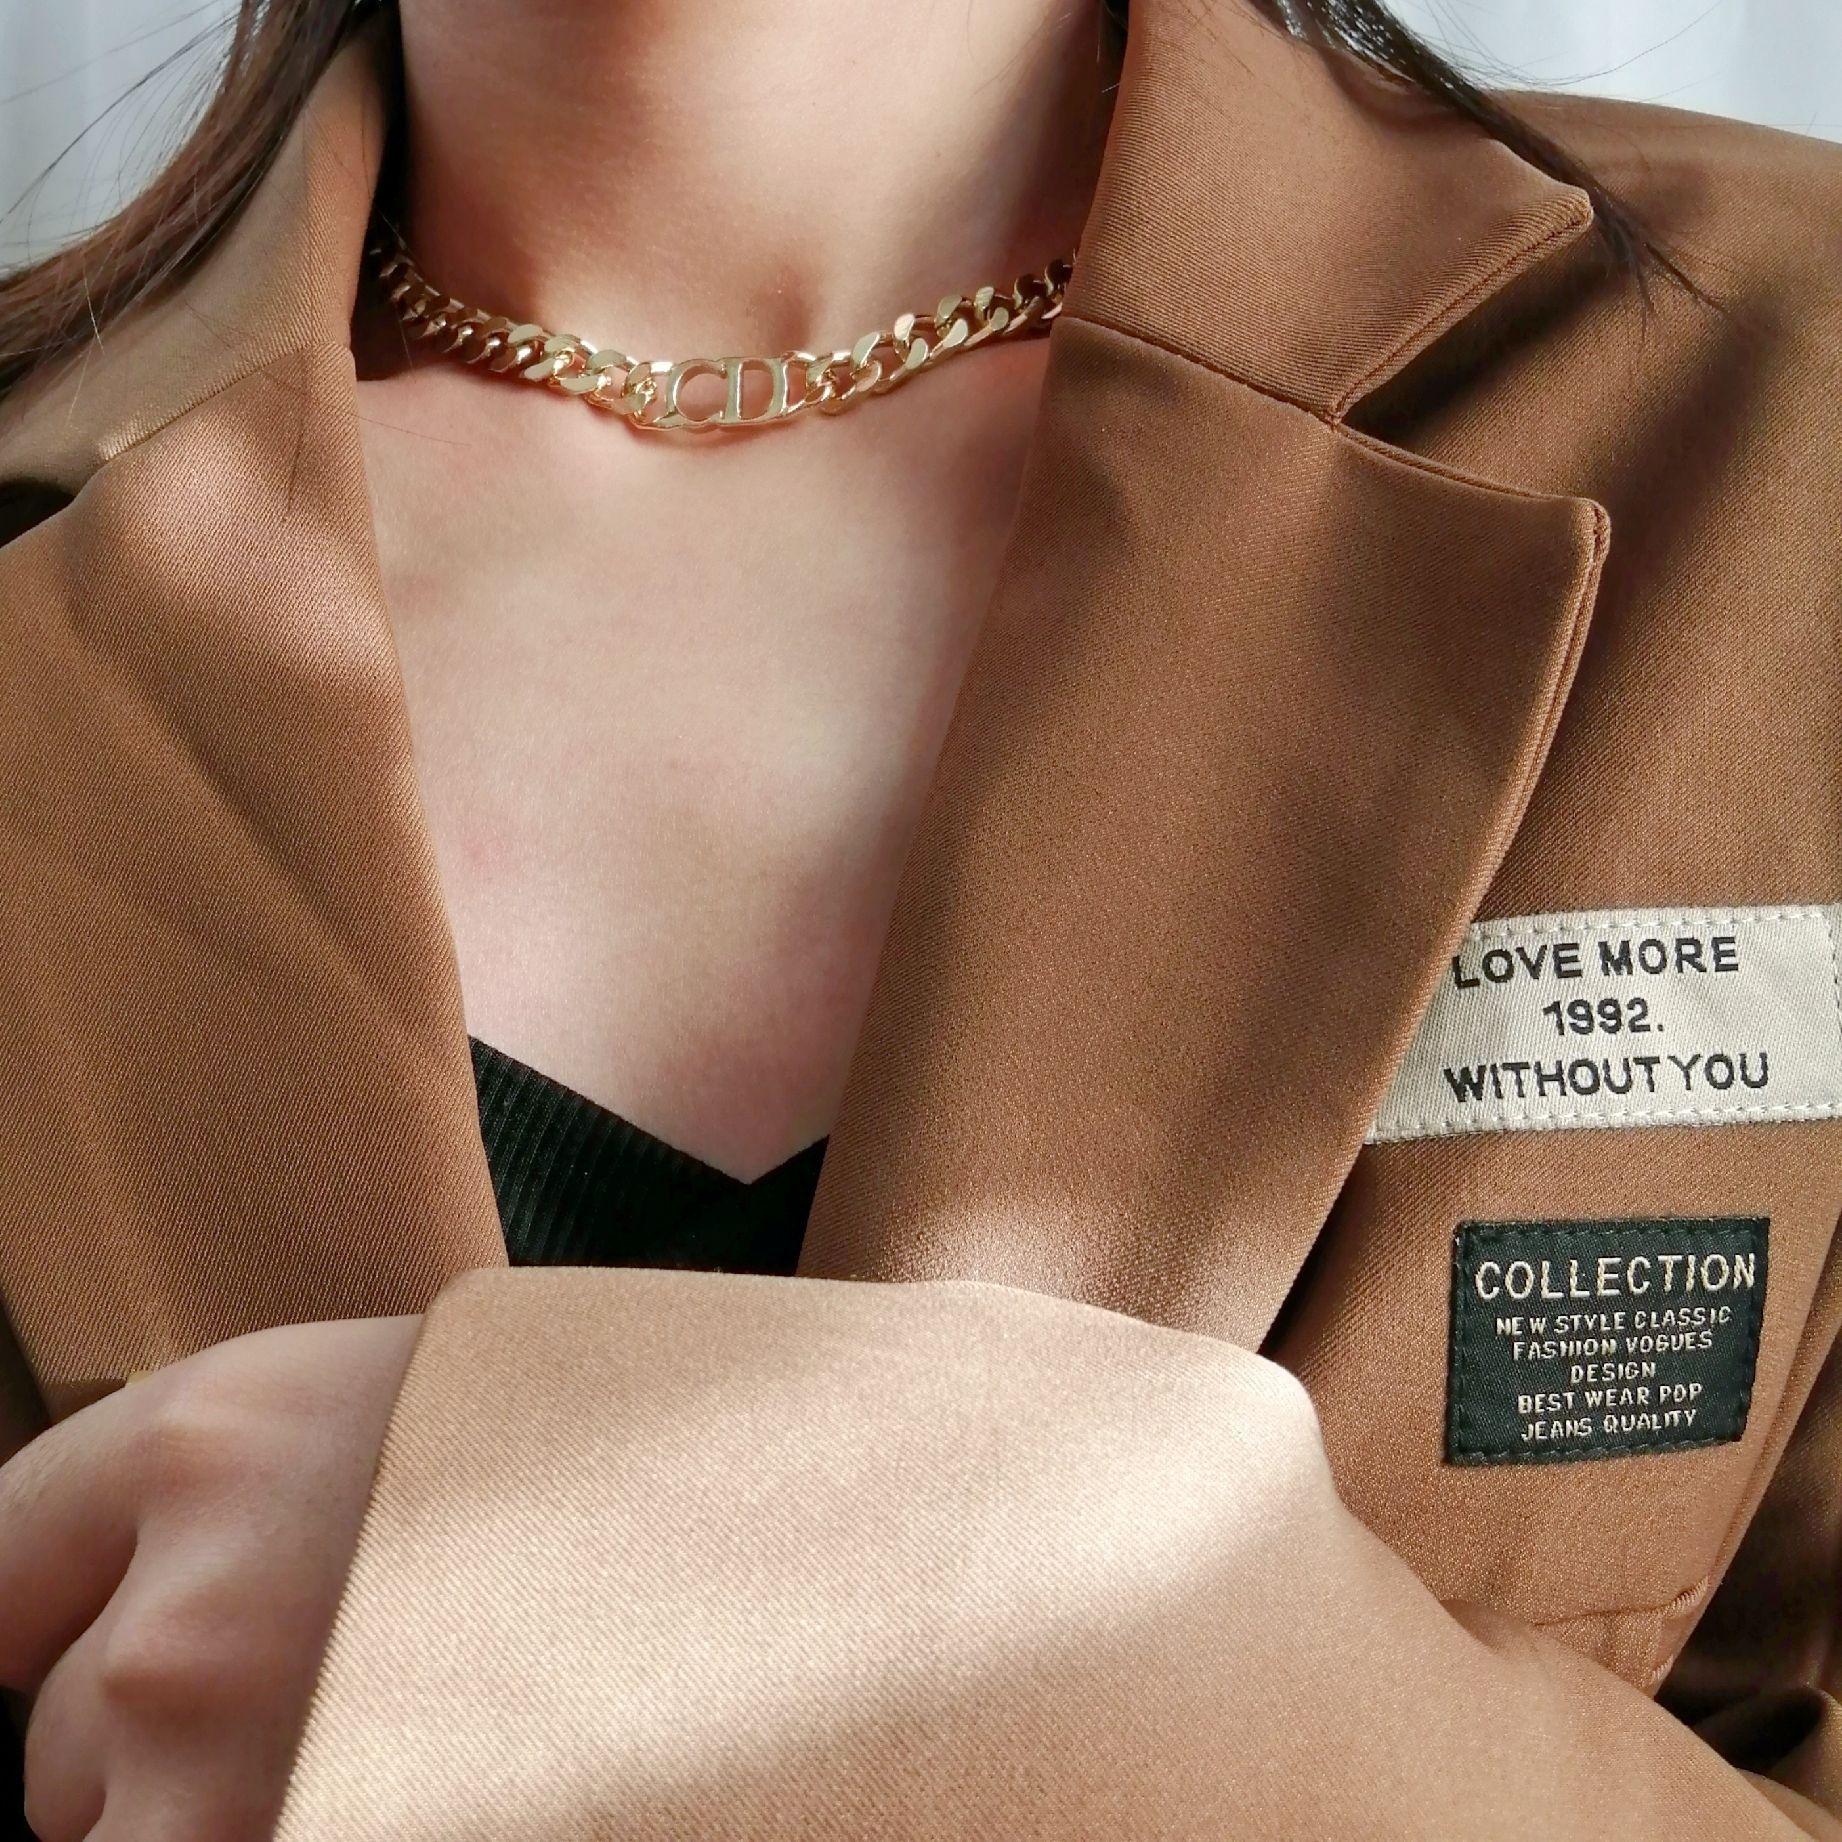 Модное ожерелье из нержавеющей стали нового дизайна для женщин, золотая цепочка высокого качества, толстый чокер с буквами в стиле панк, юве...